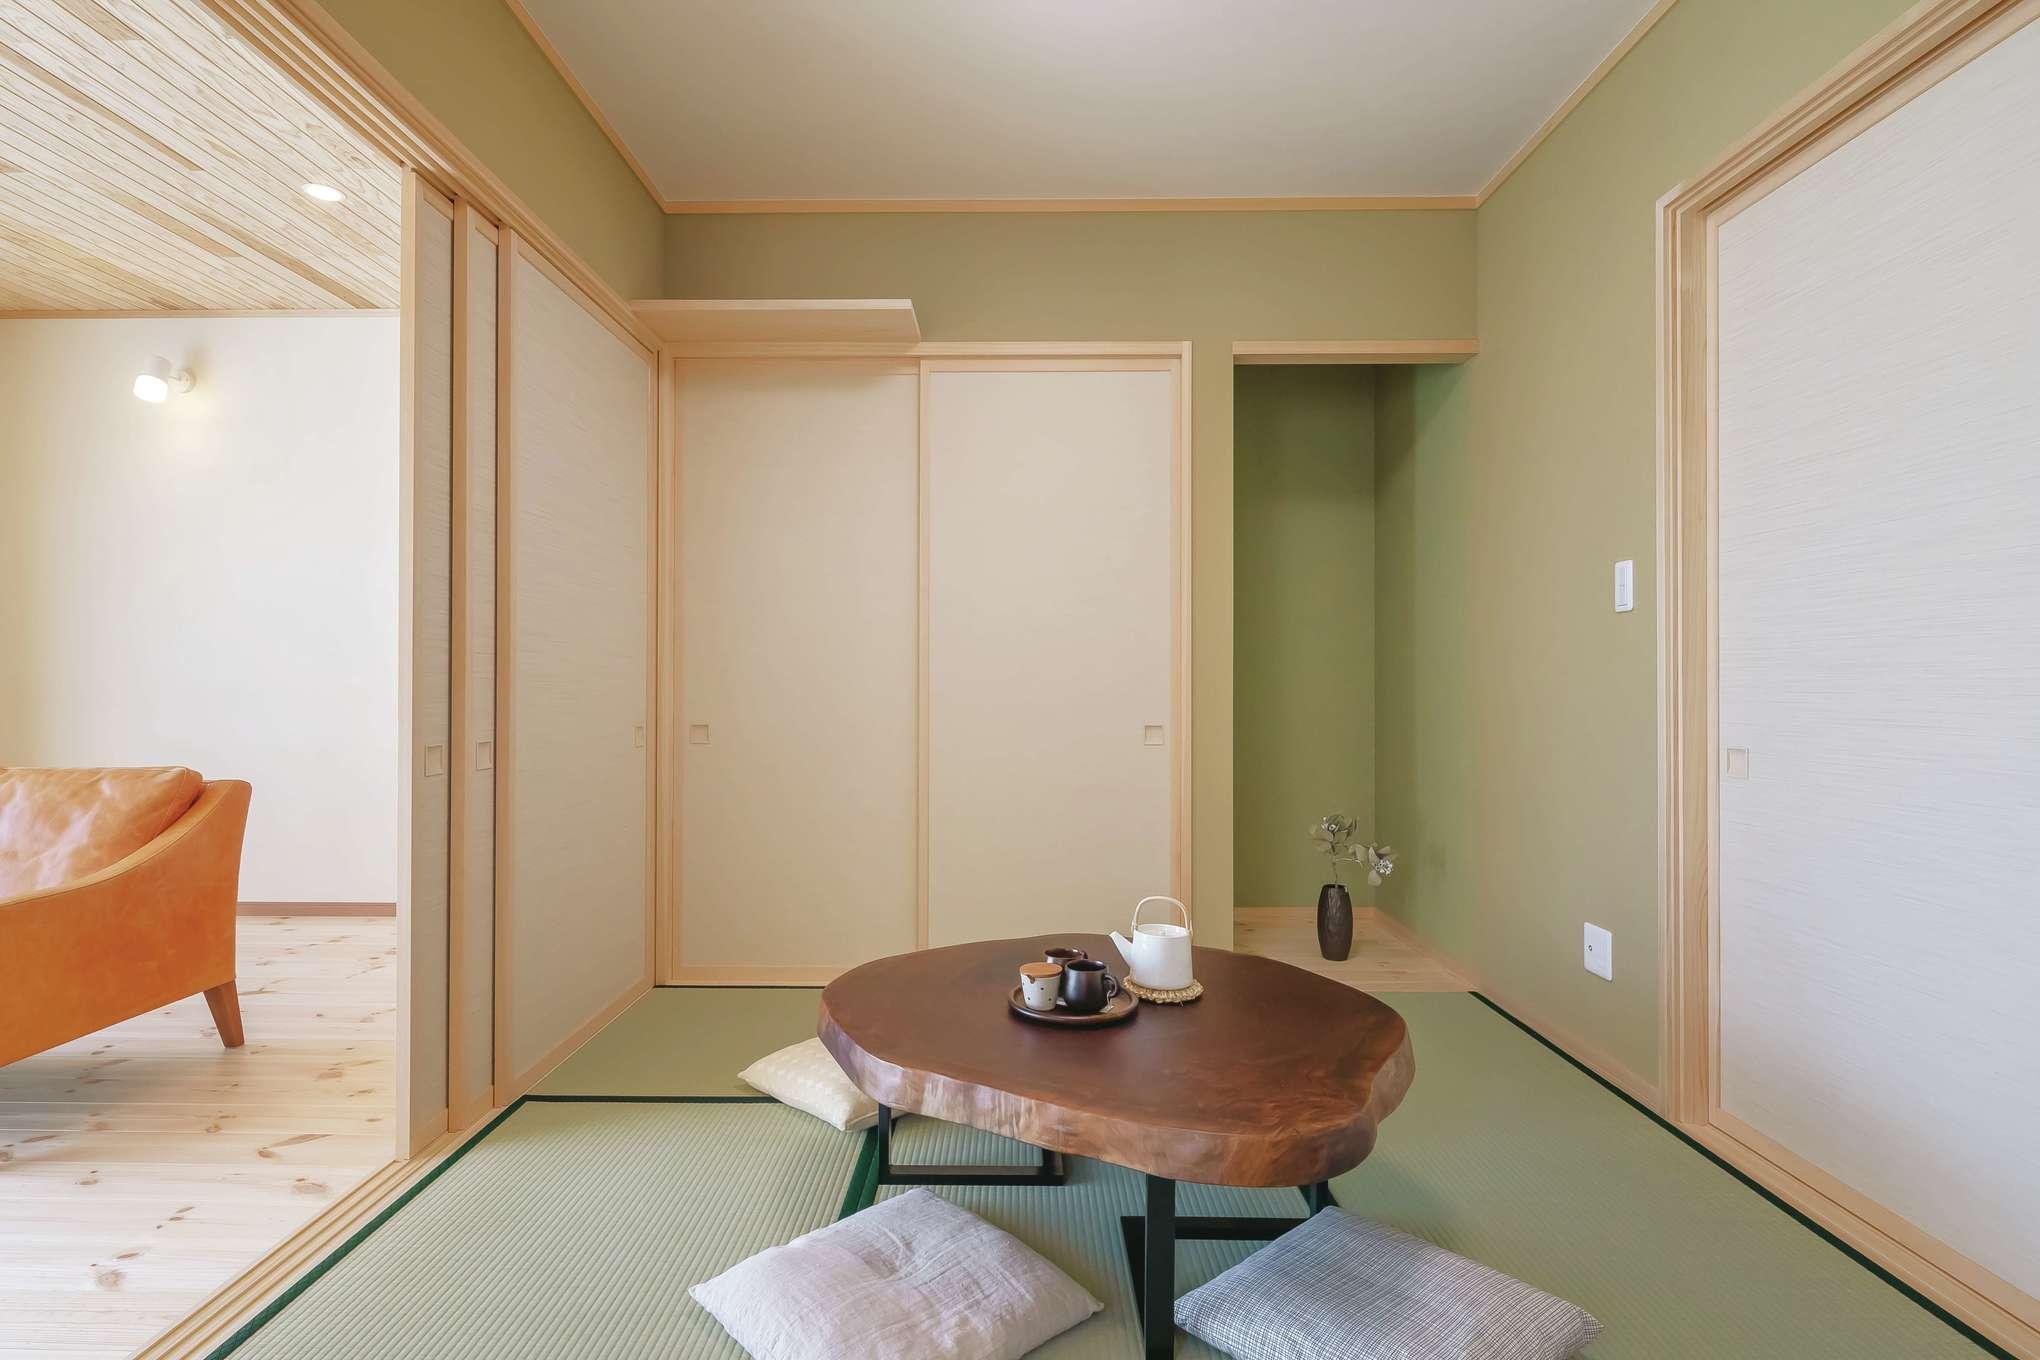 住まいるコーポレーション【デザイン住宅、和風、自然素材】和室の壁紙も、グリーン色を採用。LDKの木目ともマッチして、端正で落ち着きのある空間に。洗面や浴室に通じる出入口も設けてあり、動線が便利